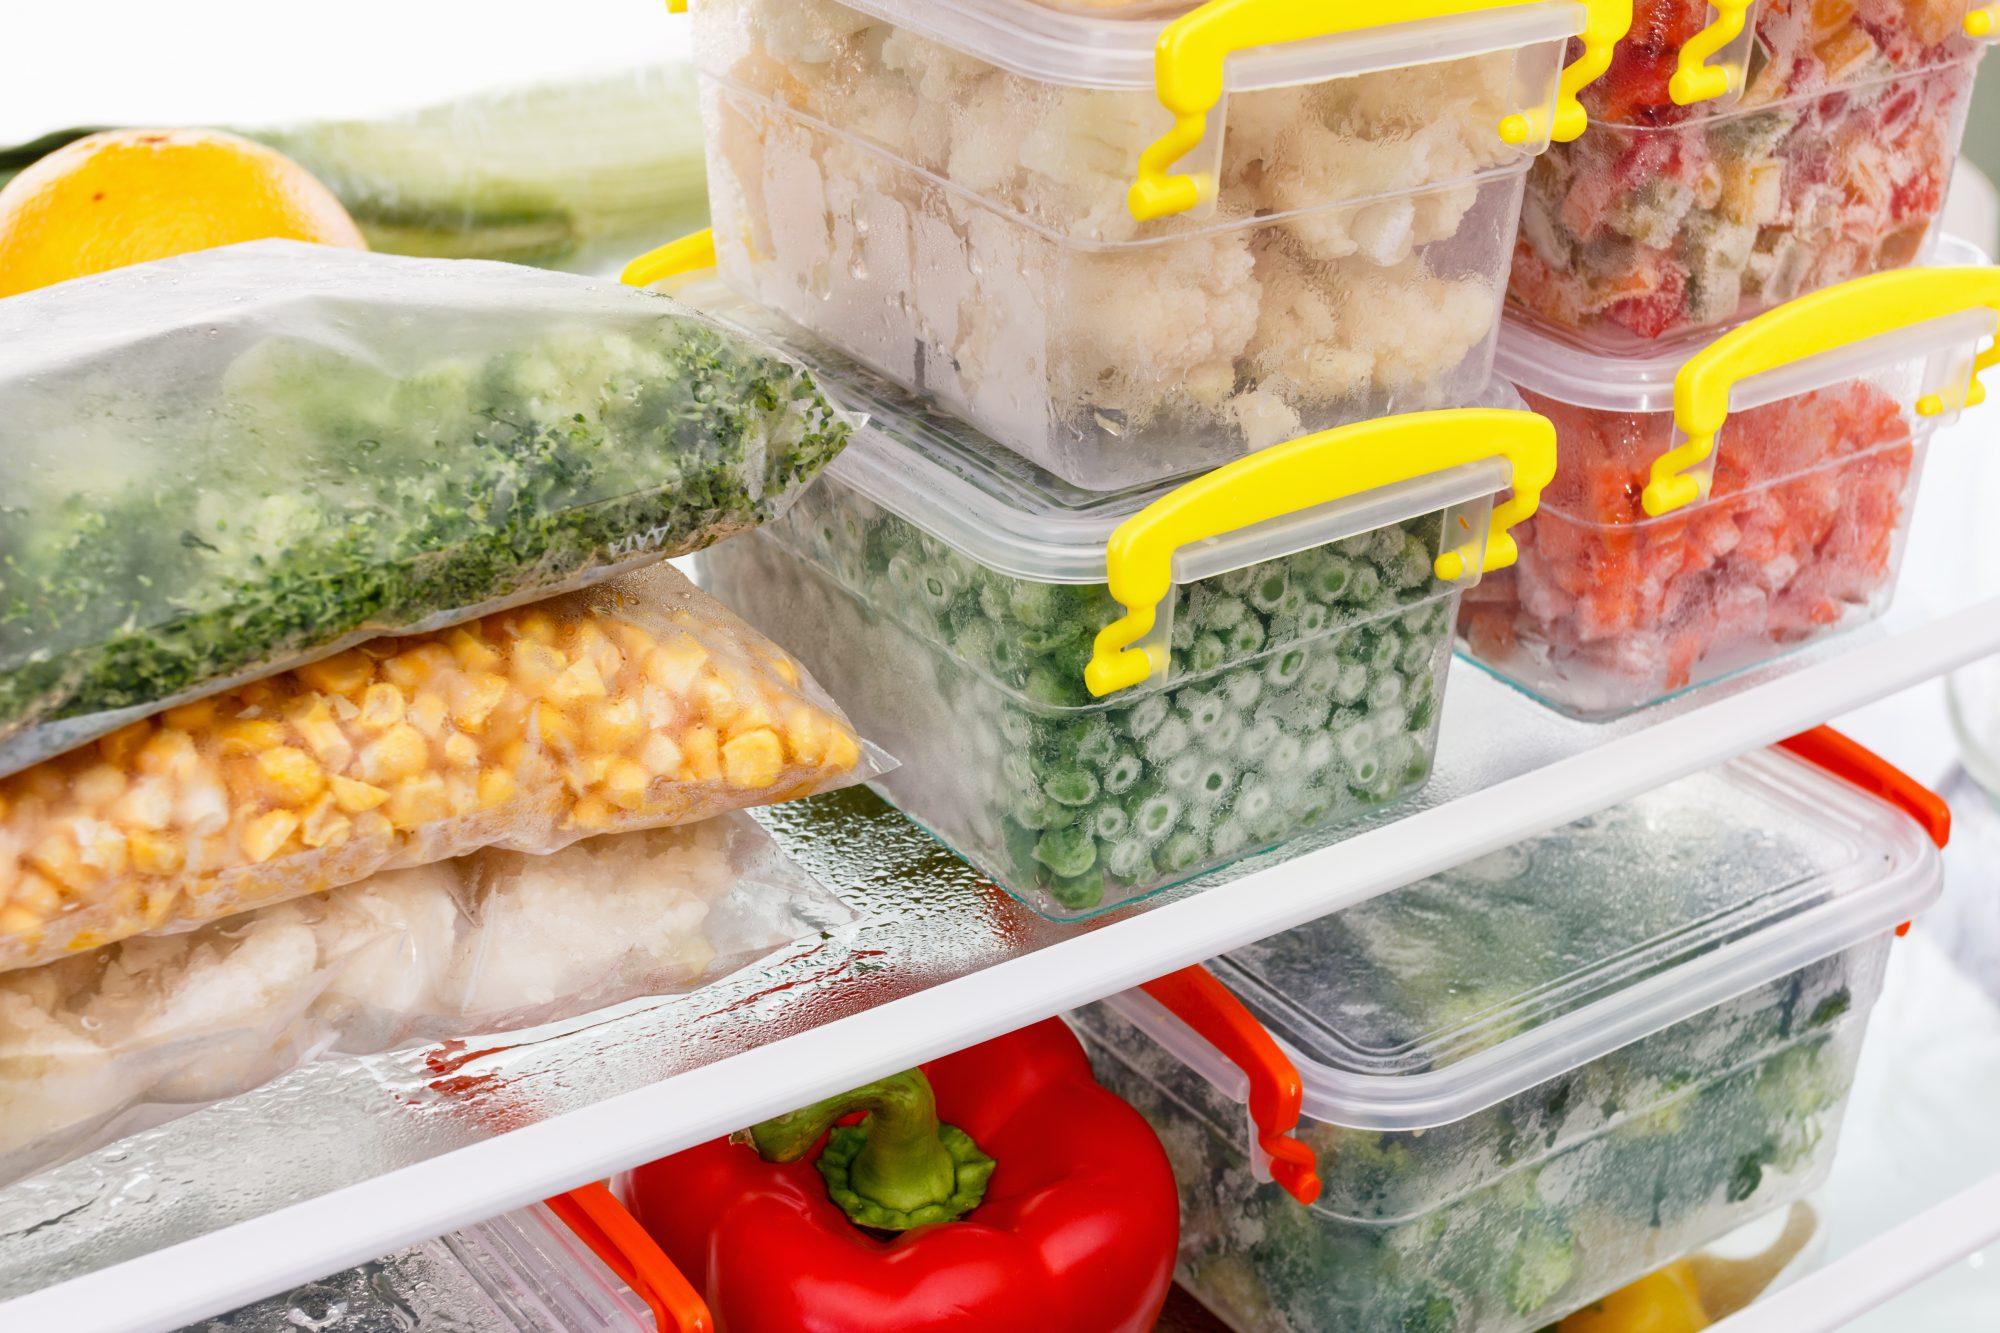 getty freezer 013019